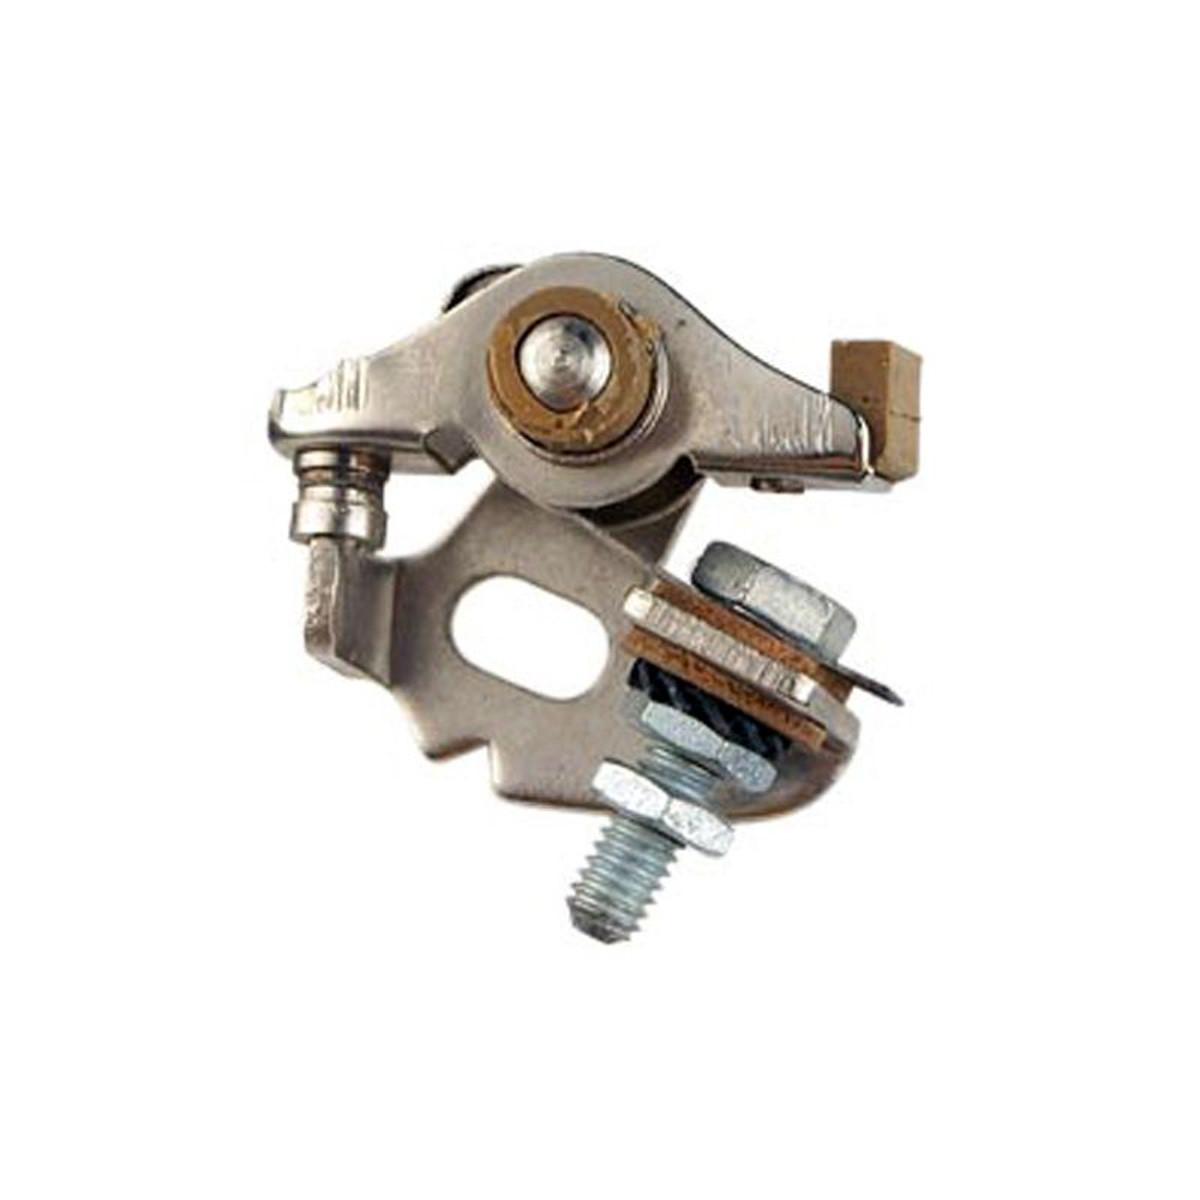 Rupteur Allumage Cyclo PEUGEOT - Inversé